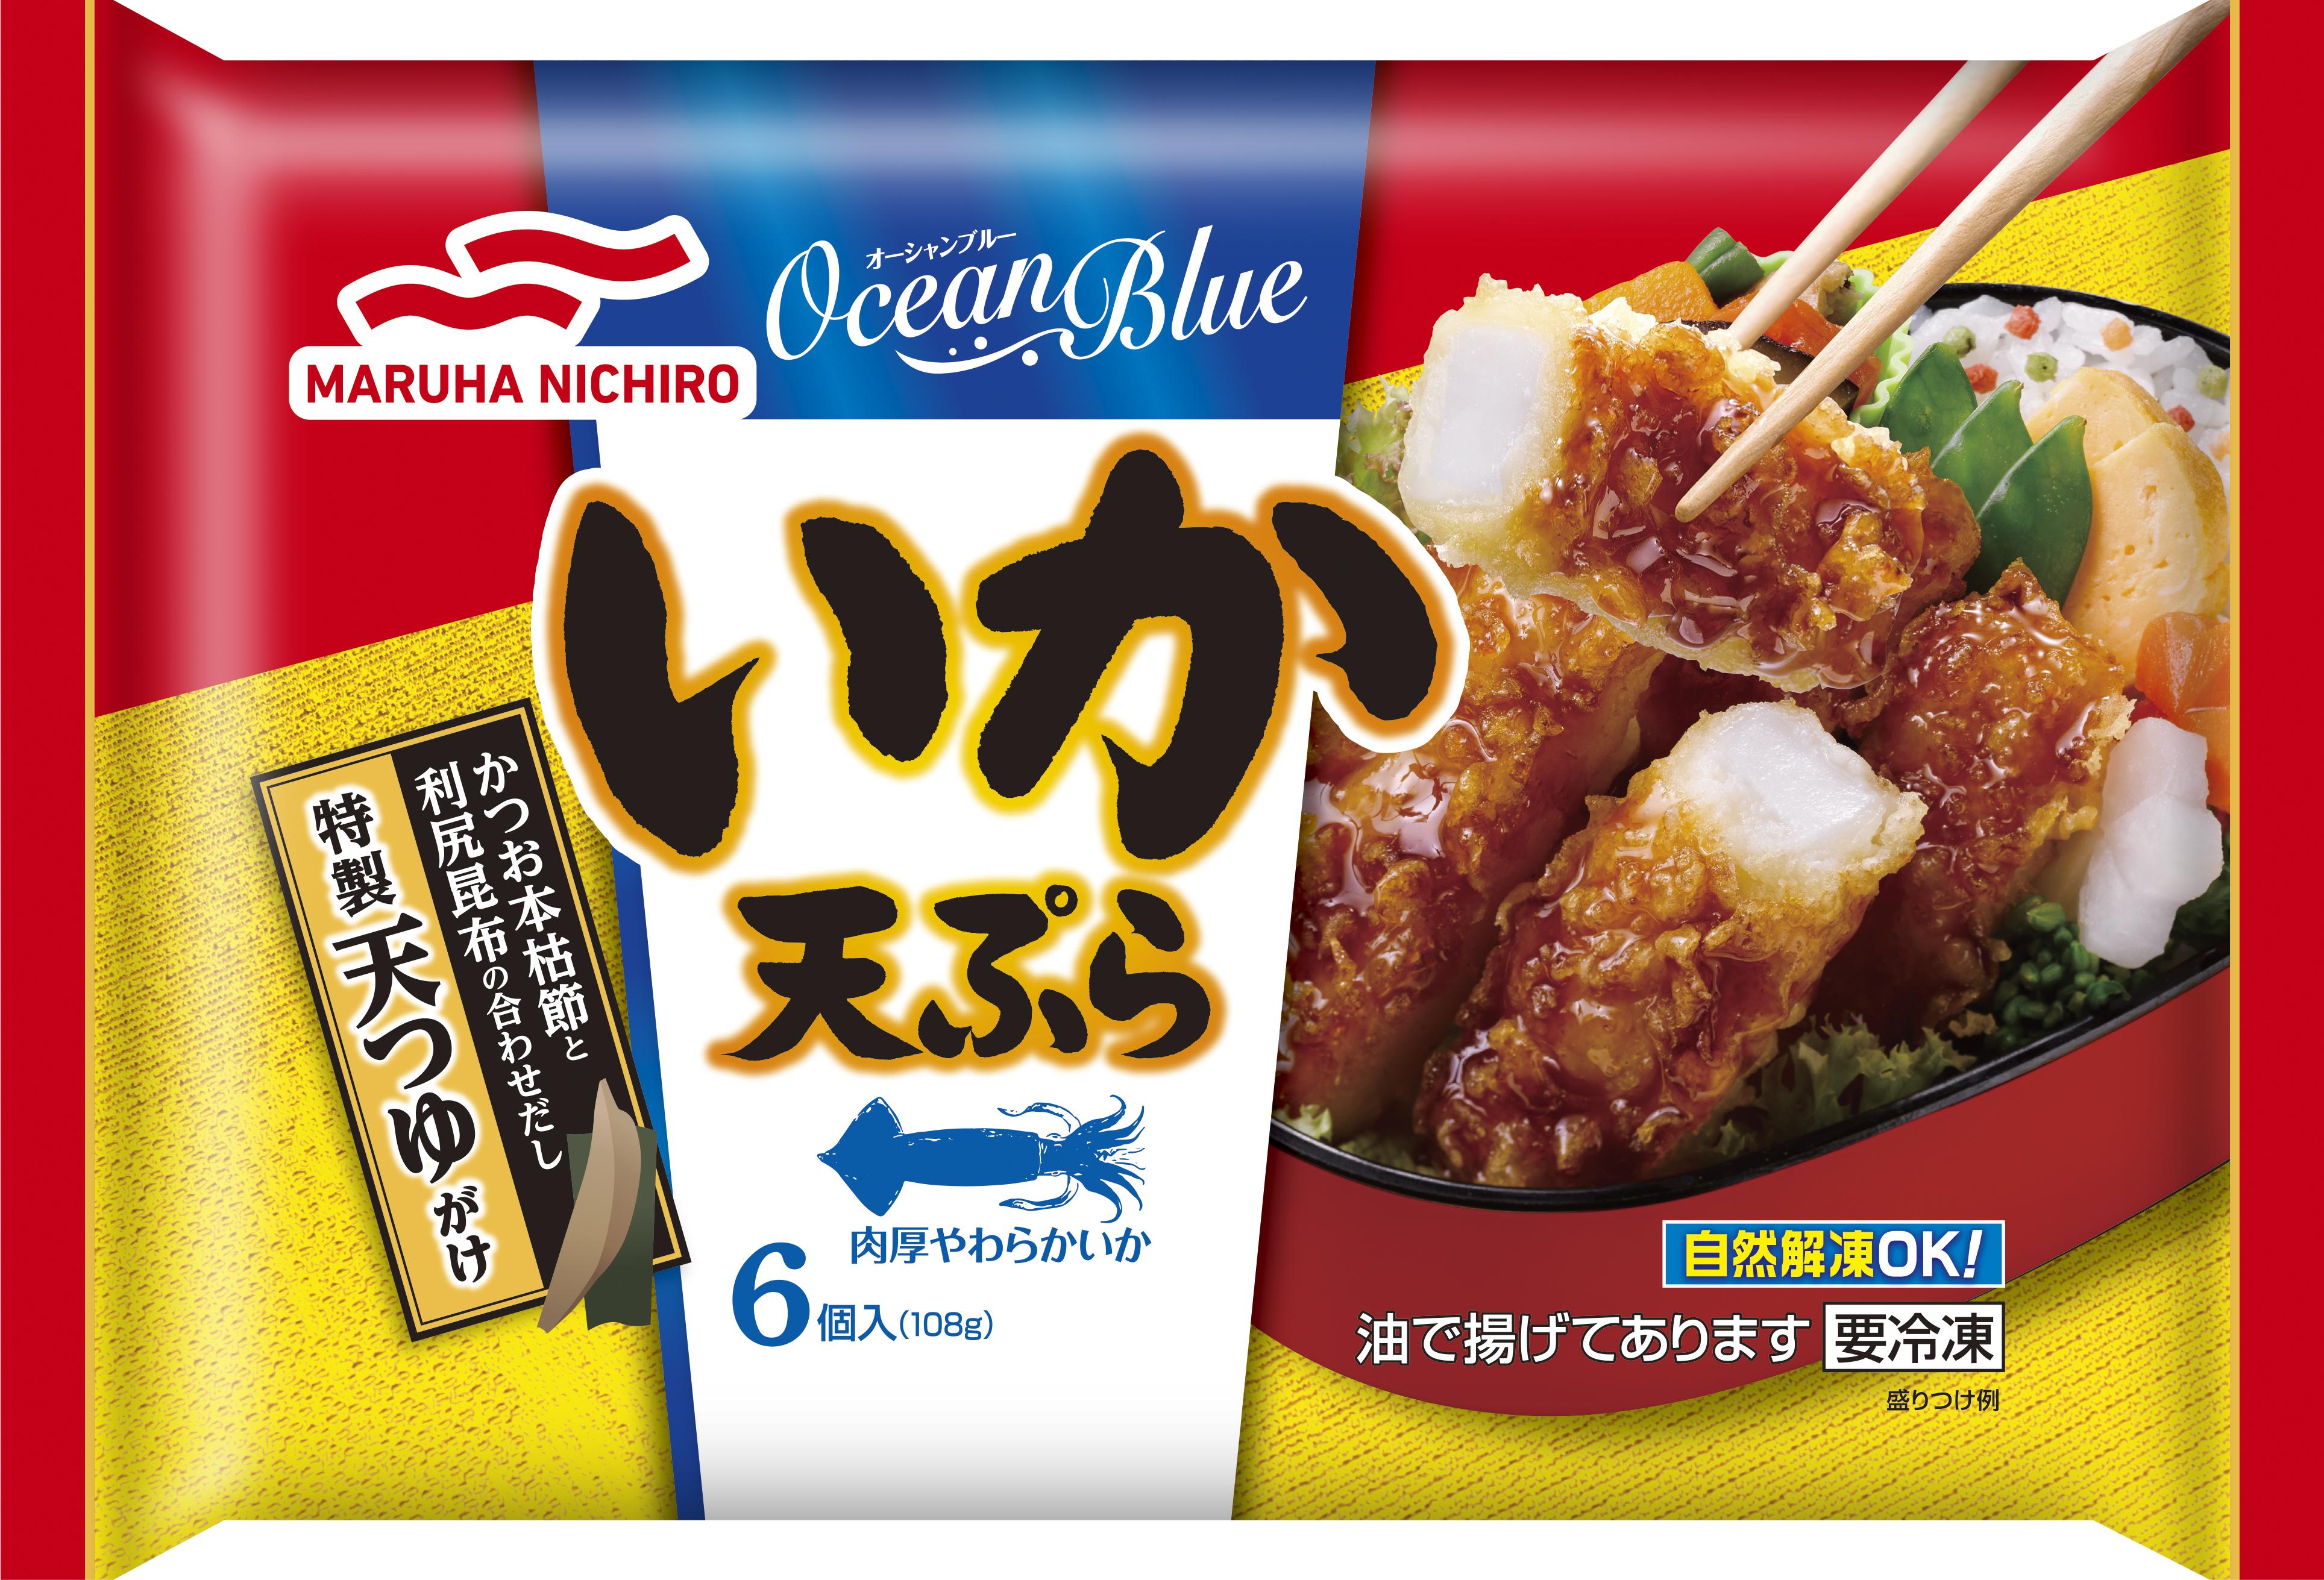 26位「いか天ぷら」(マルハニチロ),国民1万人がガチで投票! 冷凍食品総選挙,テレビ朝日,家men